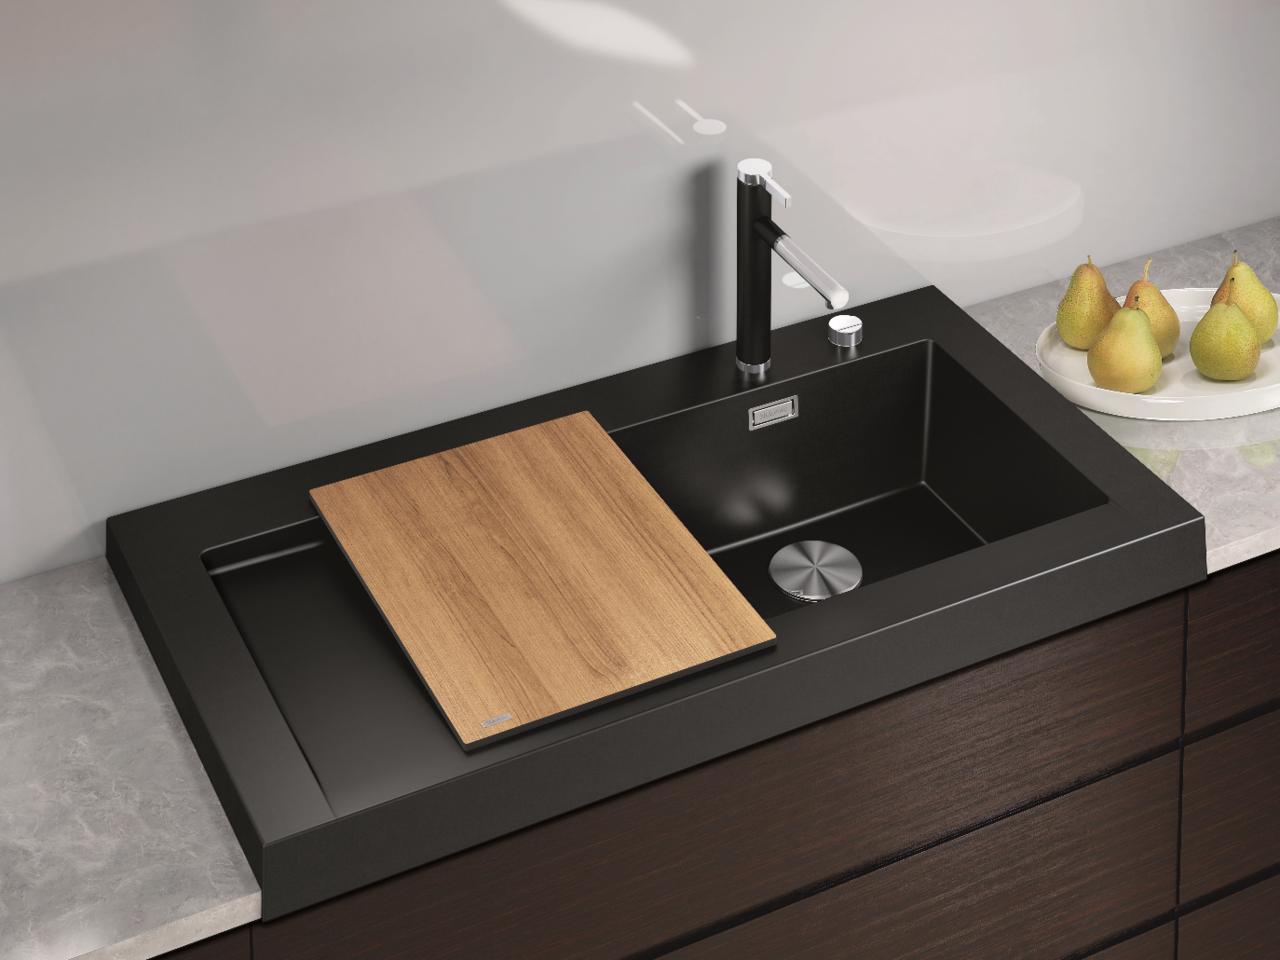 Кухонная мойка: определяемся с материалом